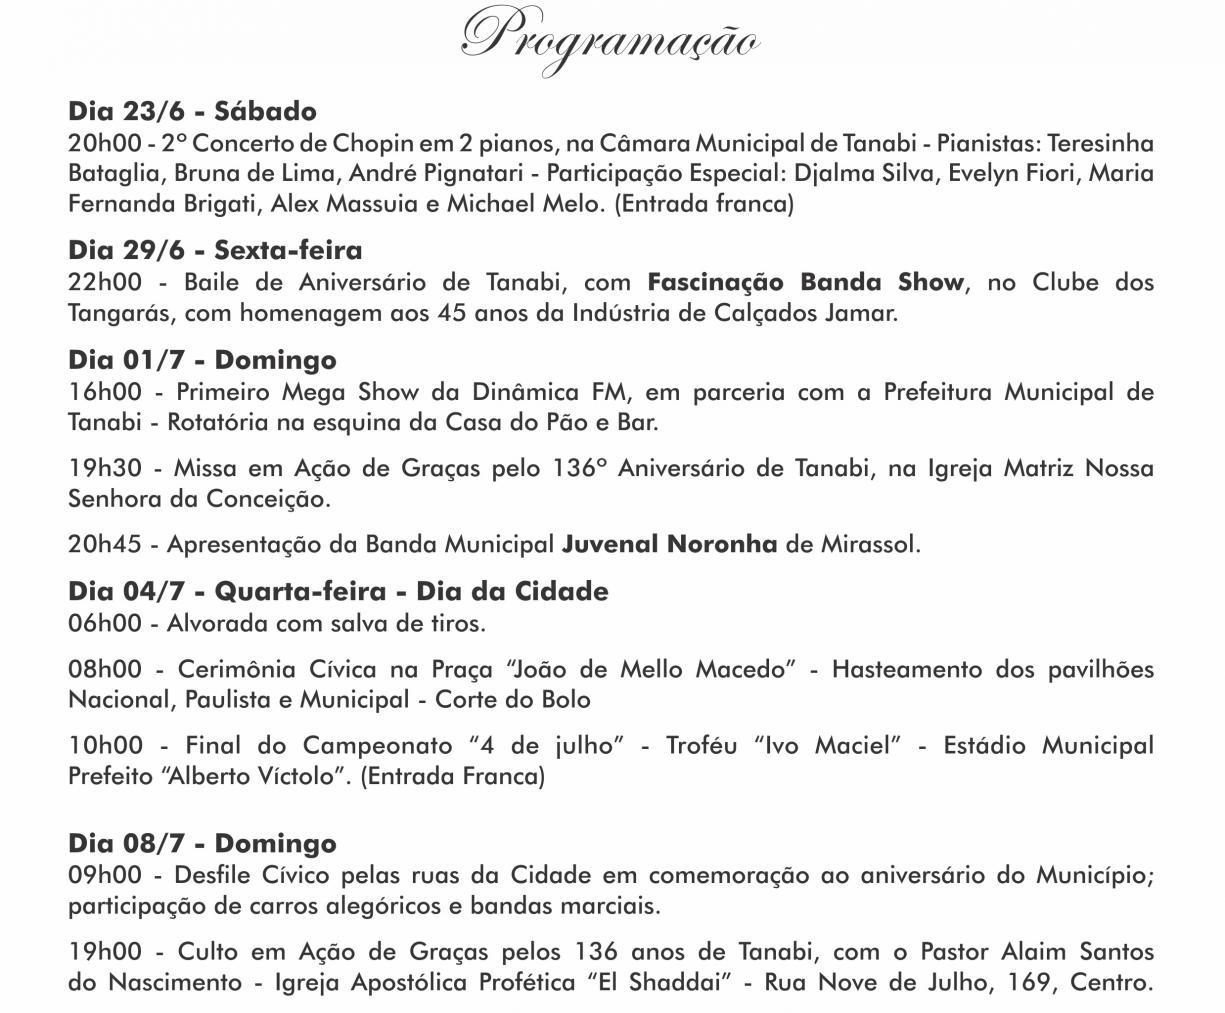 CONVITE ANIVERSÁRIO 136 ANOS DE TANABI